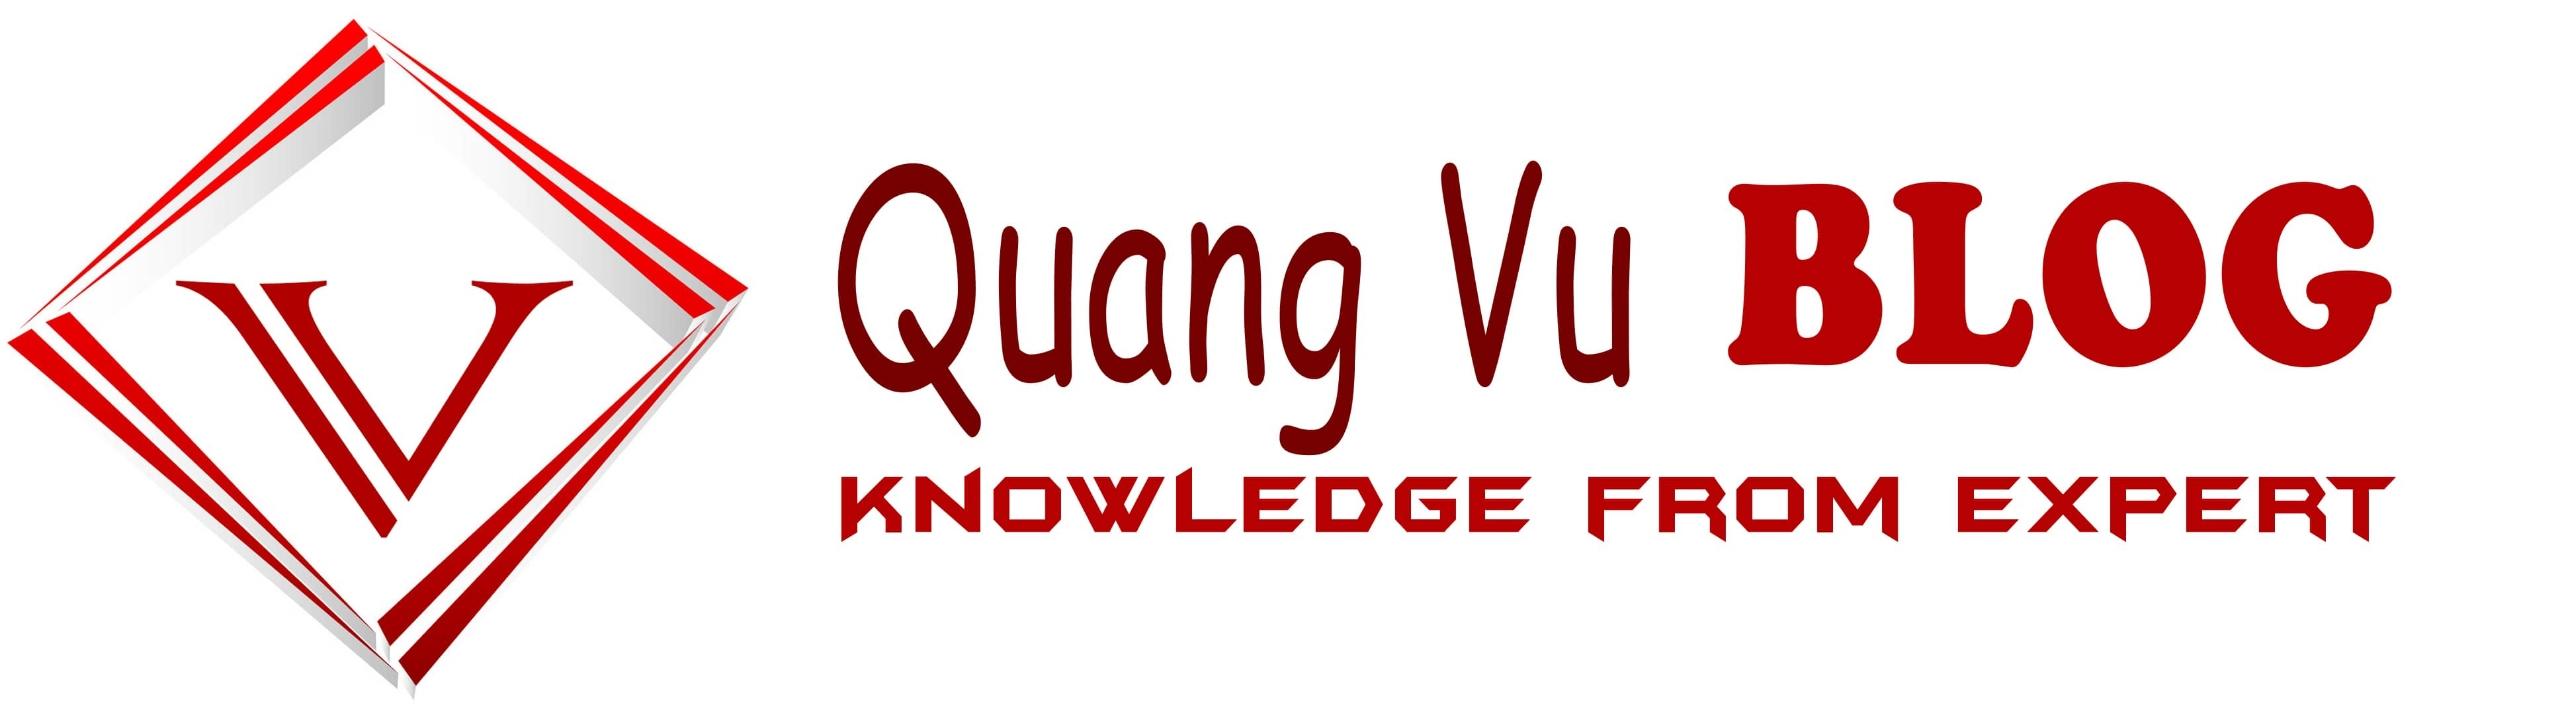 Quang Vũ Blog (@quangvublog) Cover Image